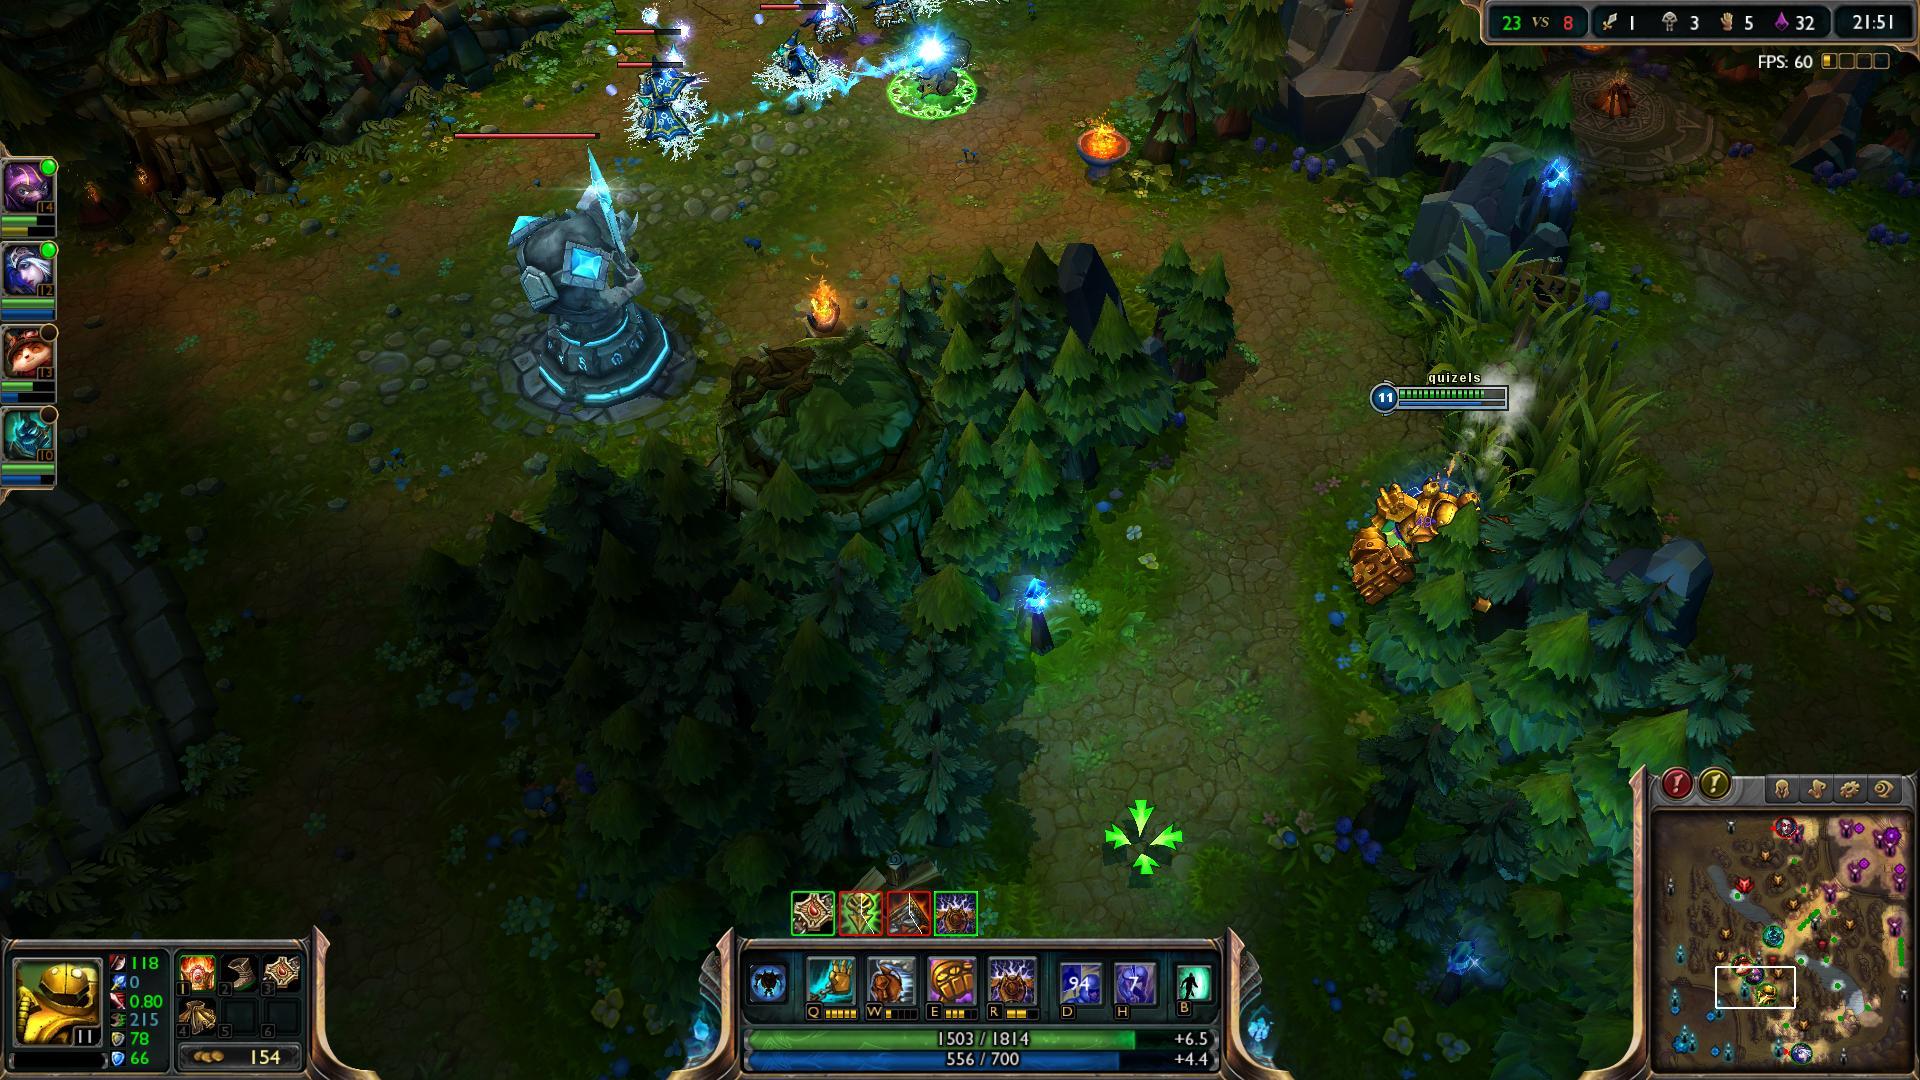 League of Legends Blitzcrank lol screenshot - Gamingcfg com